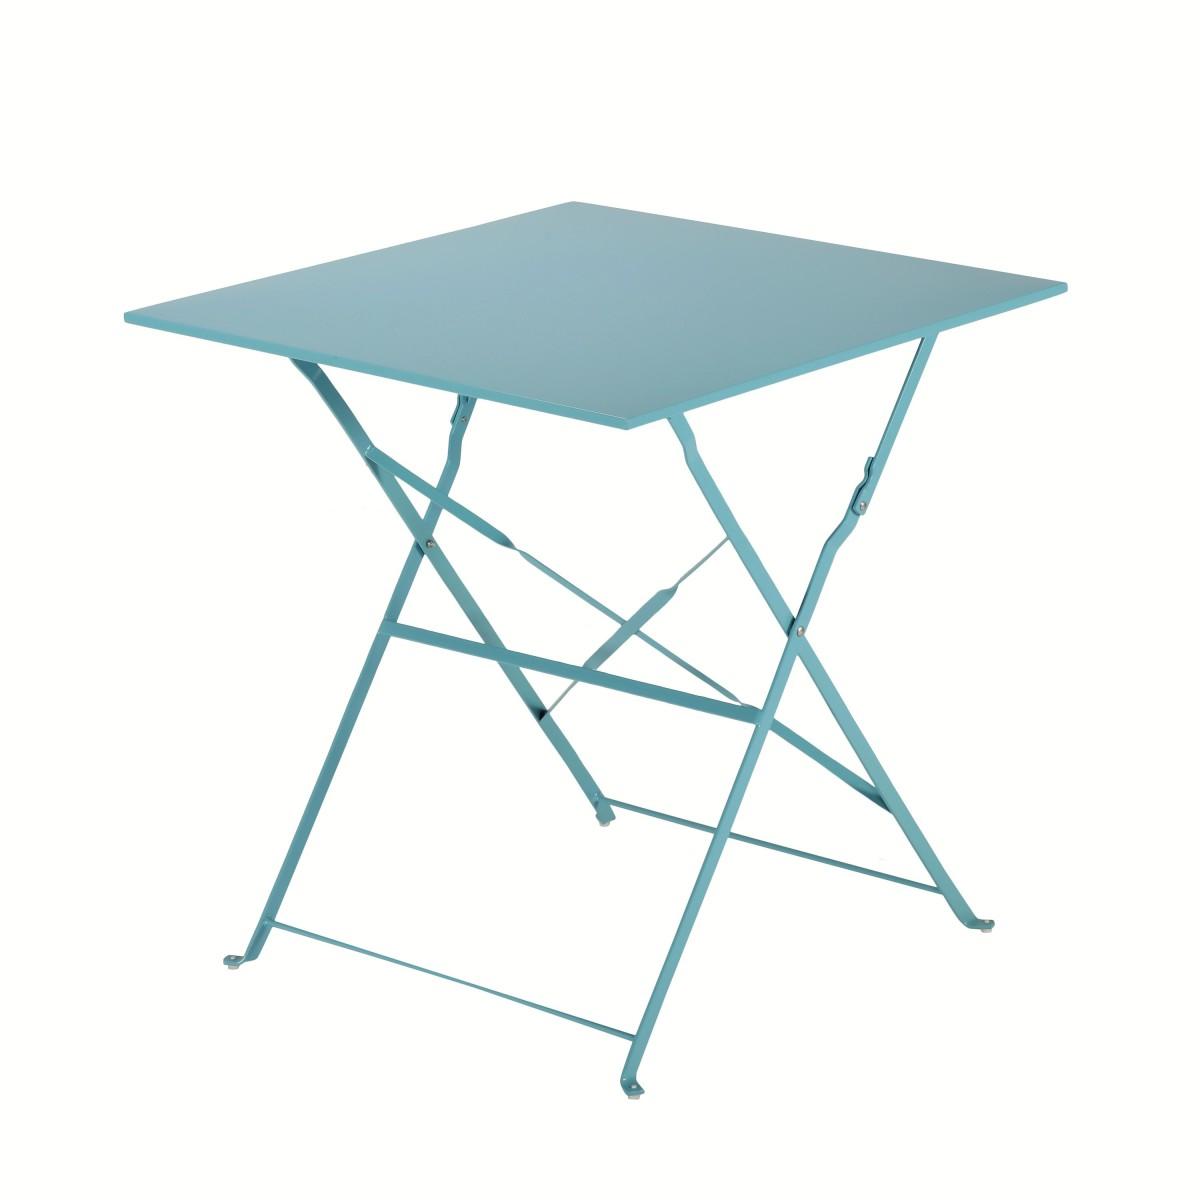 Стол садовый квадратный Naterial Flora Origami складной 70х70х71 см сталь синий